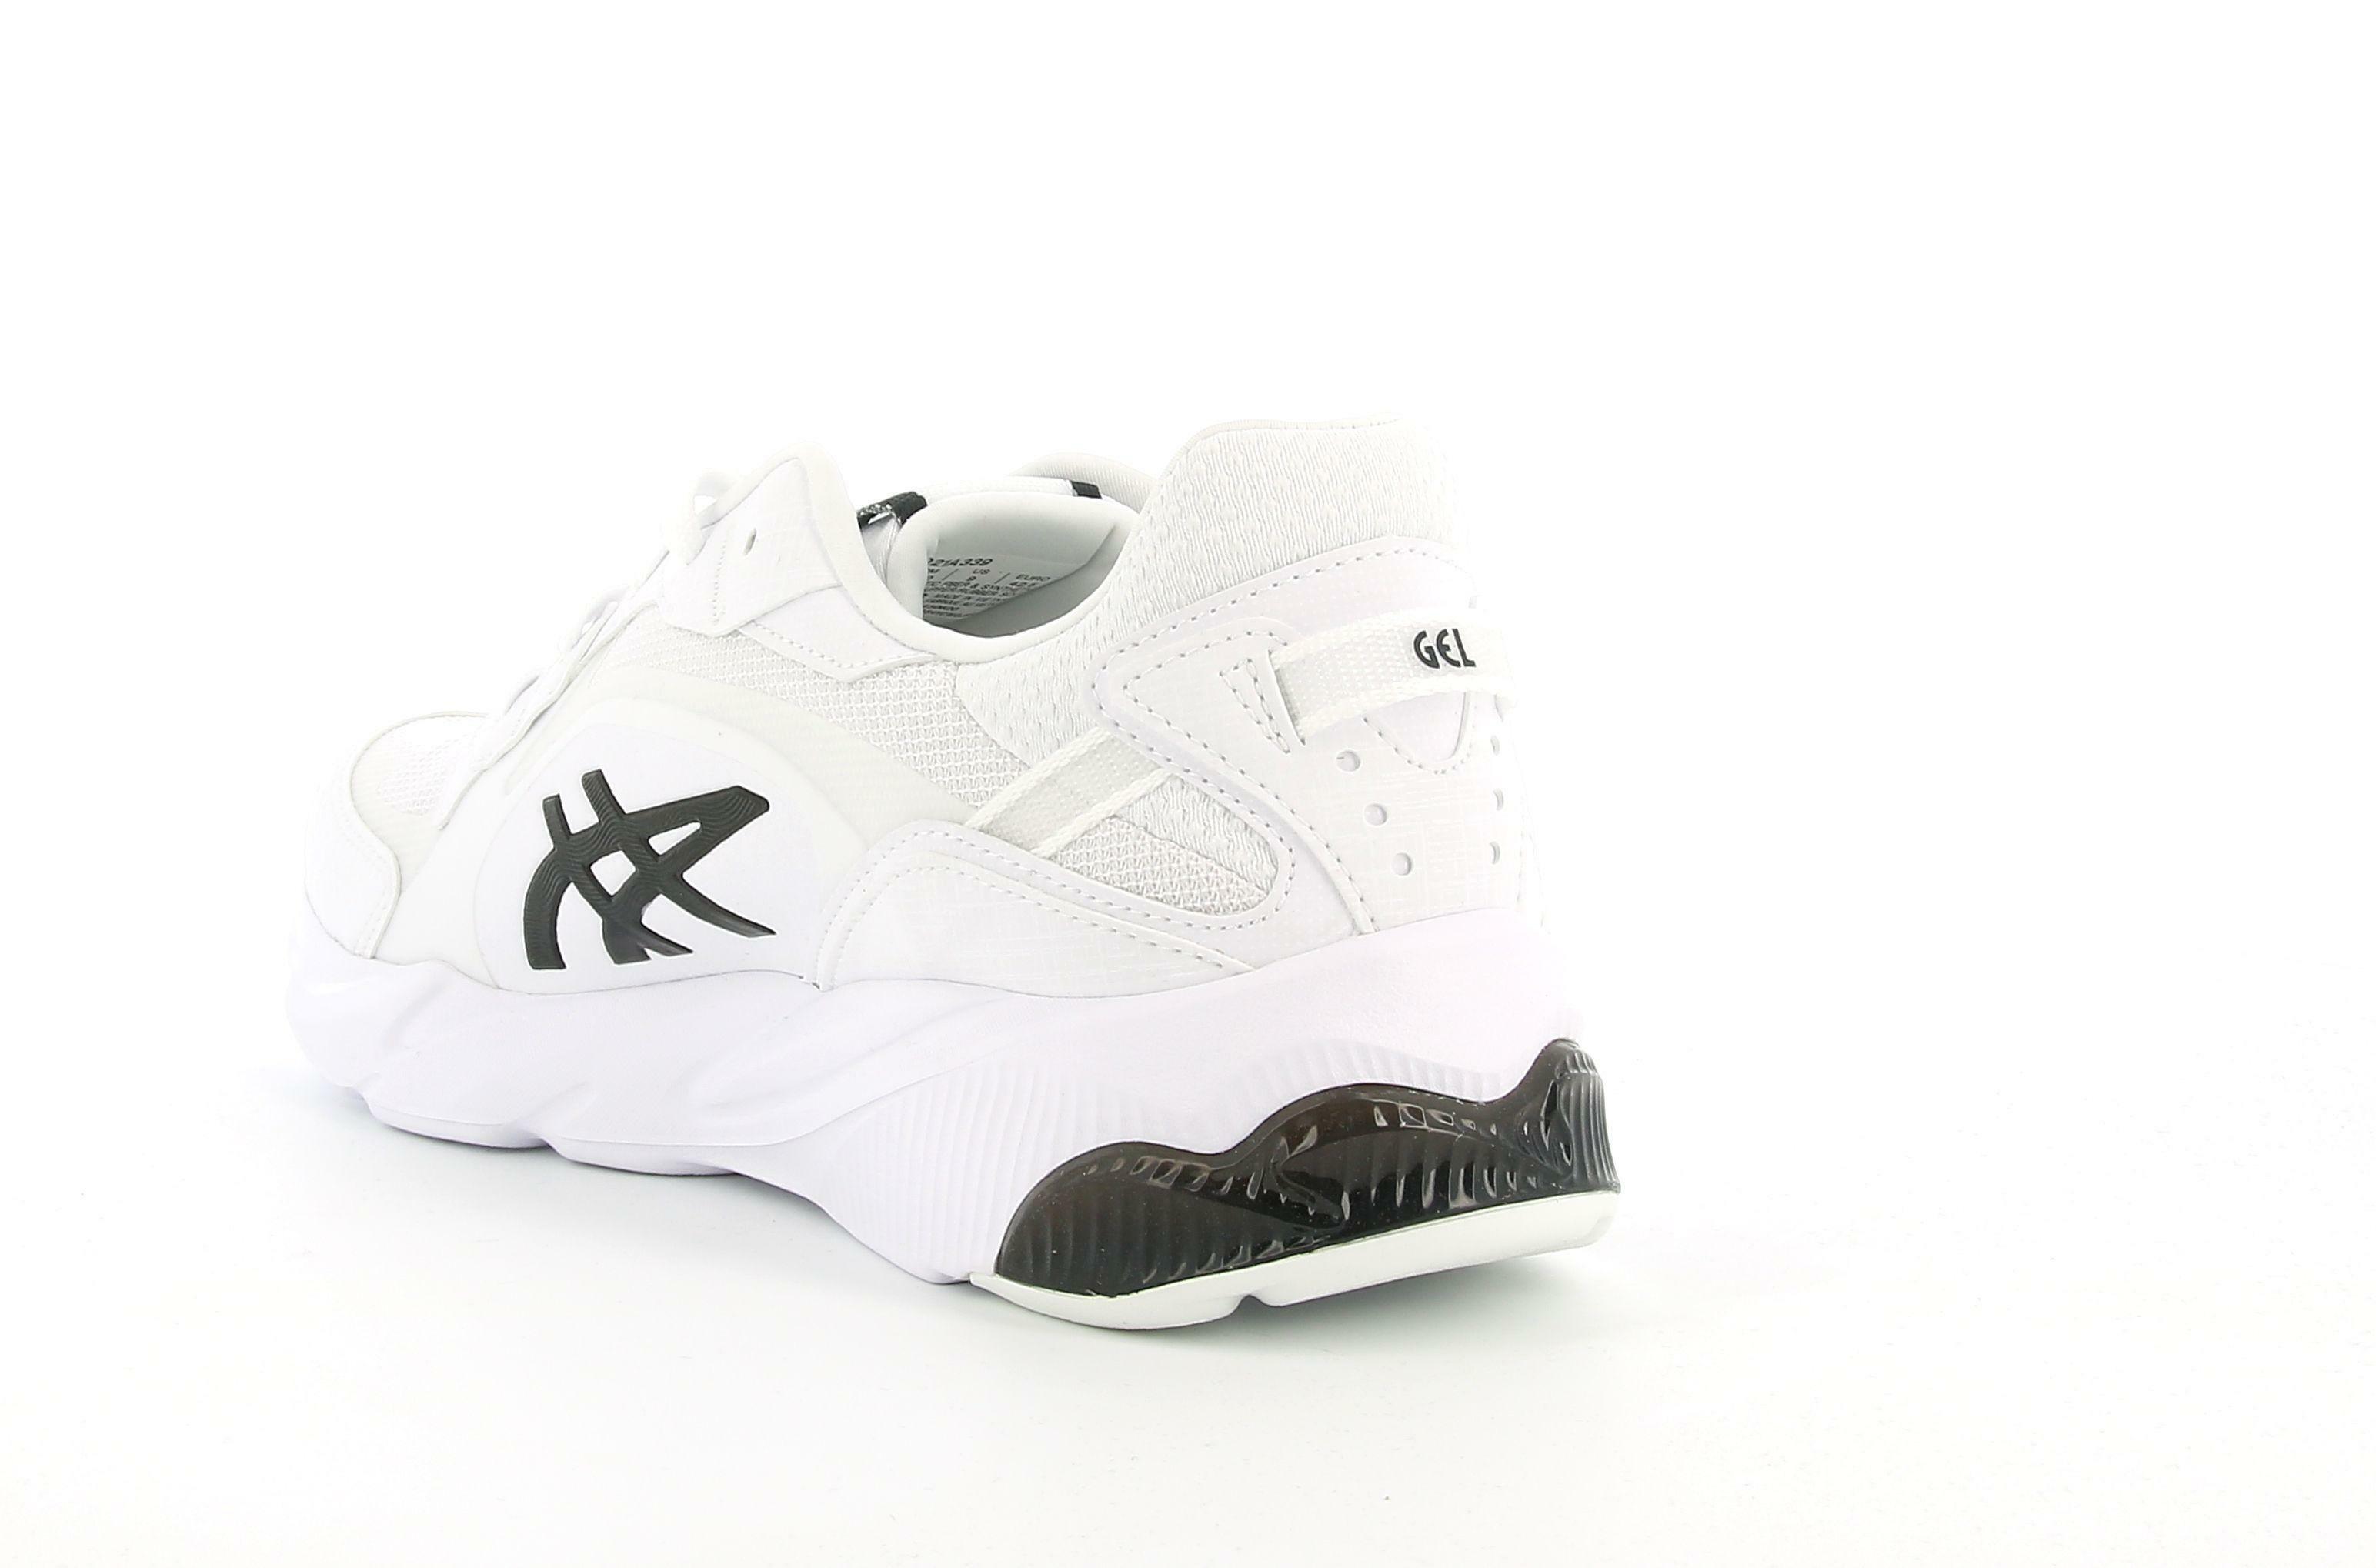 asics asics gel miqrum 1021a339 scarpa sportiva da uomo bianca